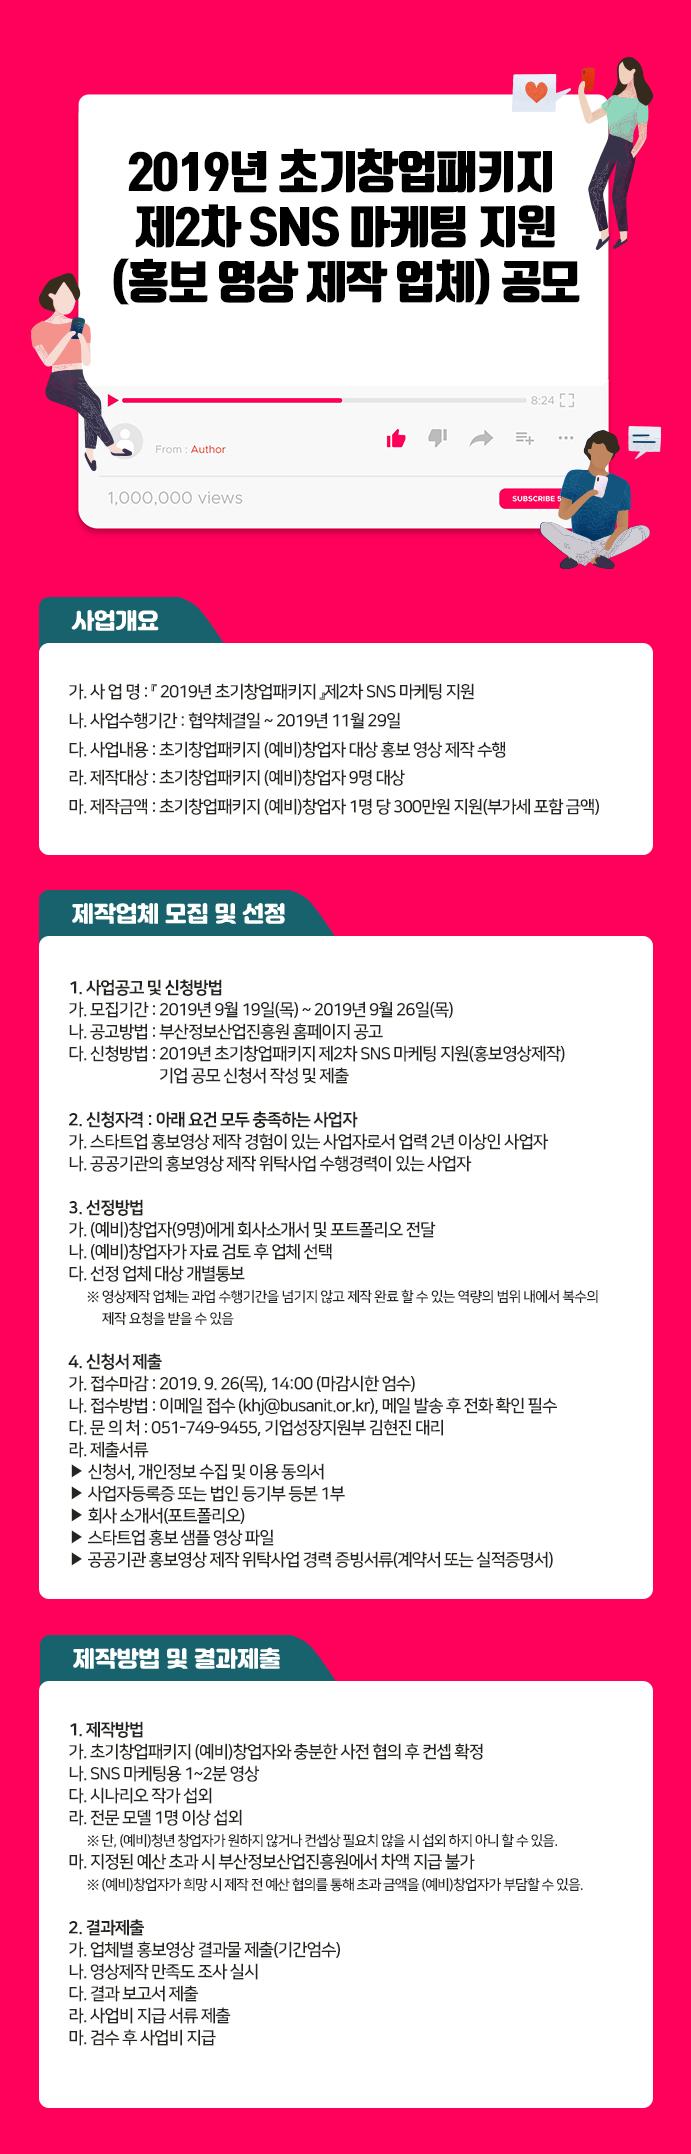 2019년 초기창업패키지 제2차 SNS 마케팅 지원(홍보 영상 제작 업체) 공모